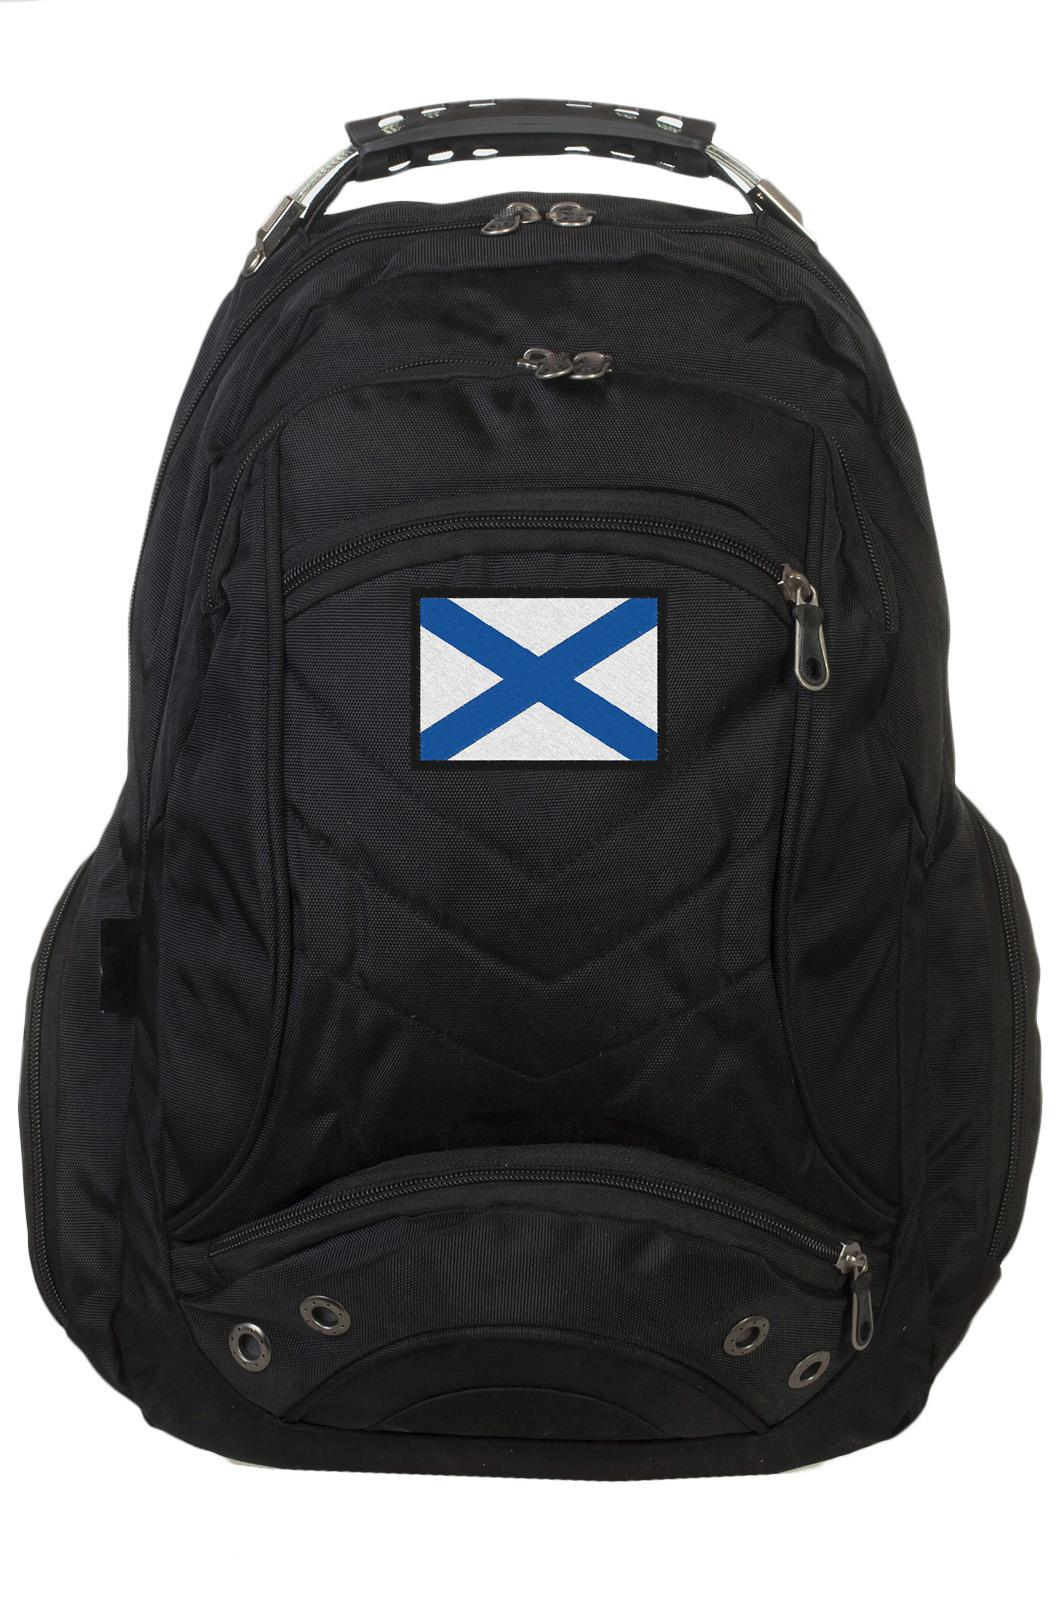 Оригинальный городской рюкзак с Андреевским флагом